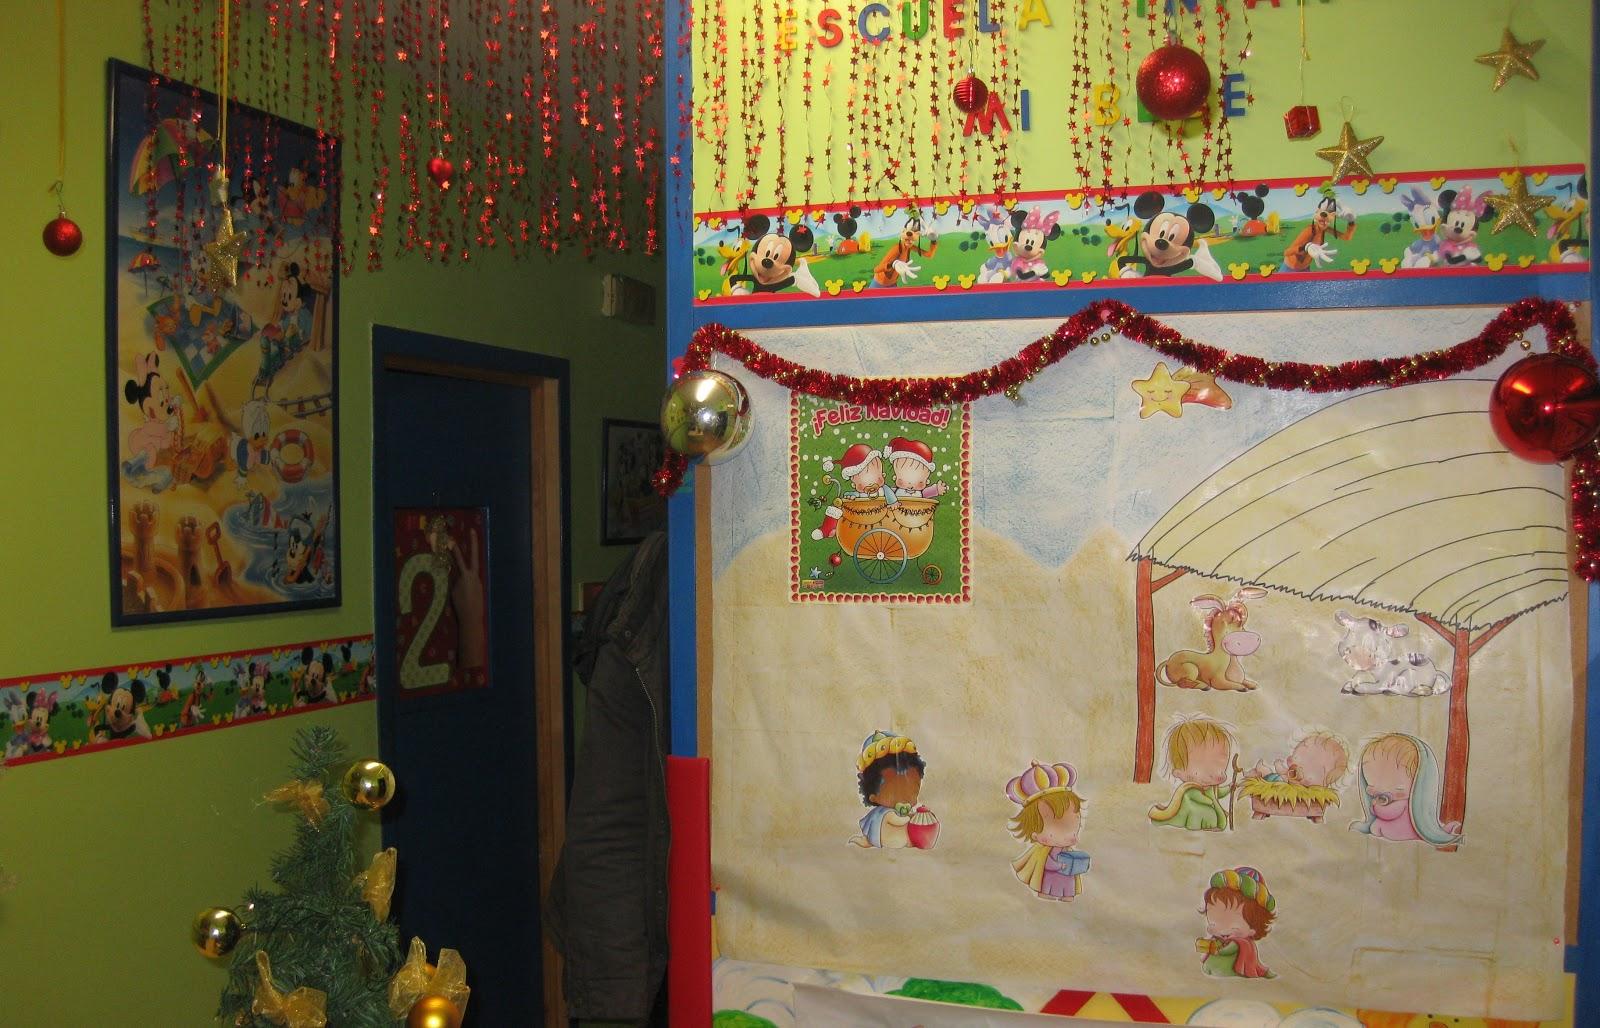 Escuela infantil mi bebe decoraci n de navidad for Decoracion escuela